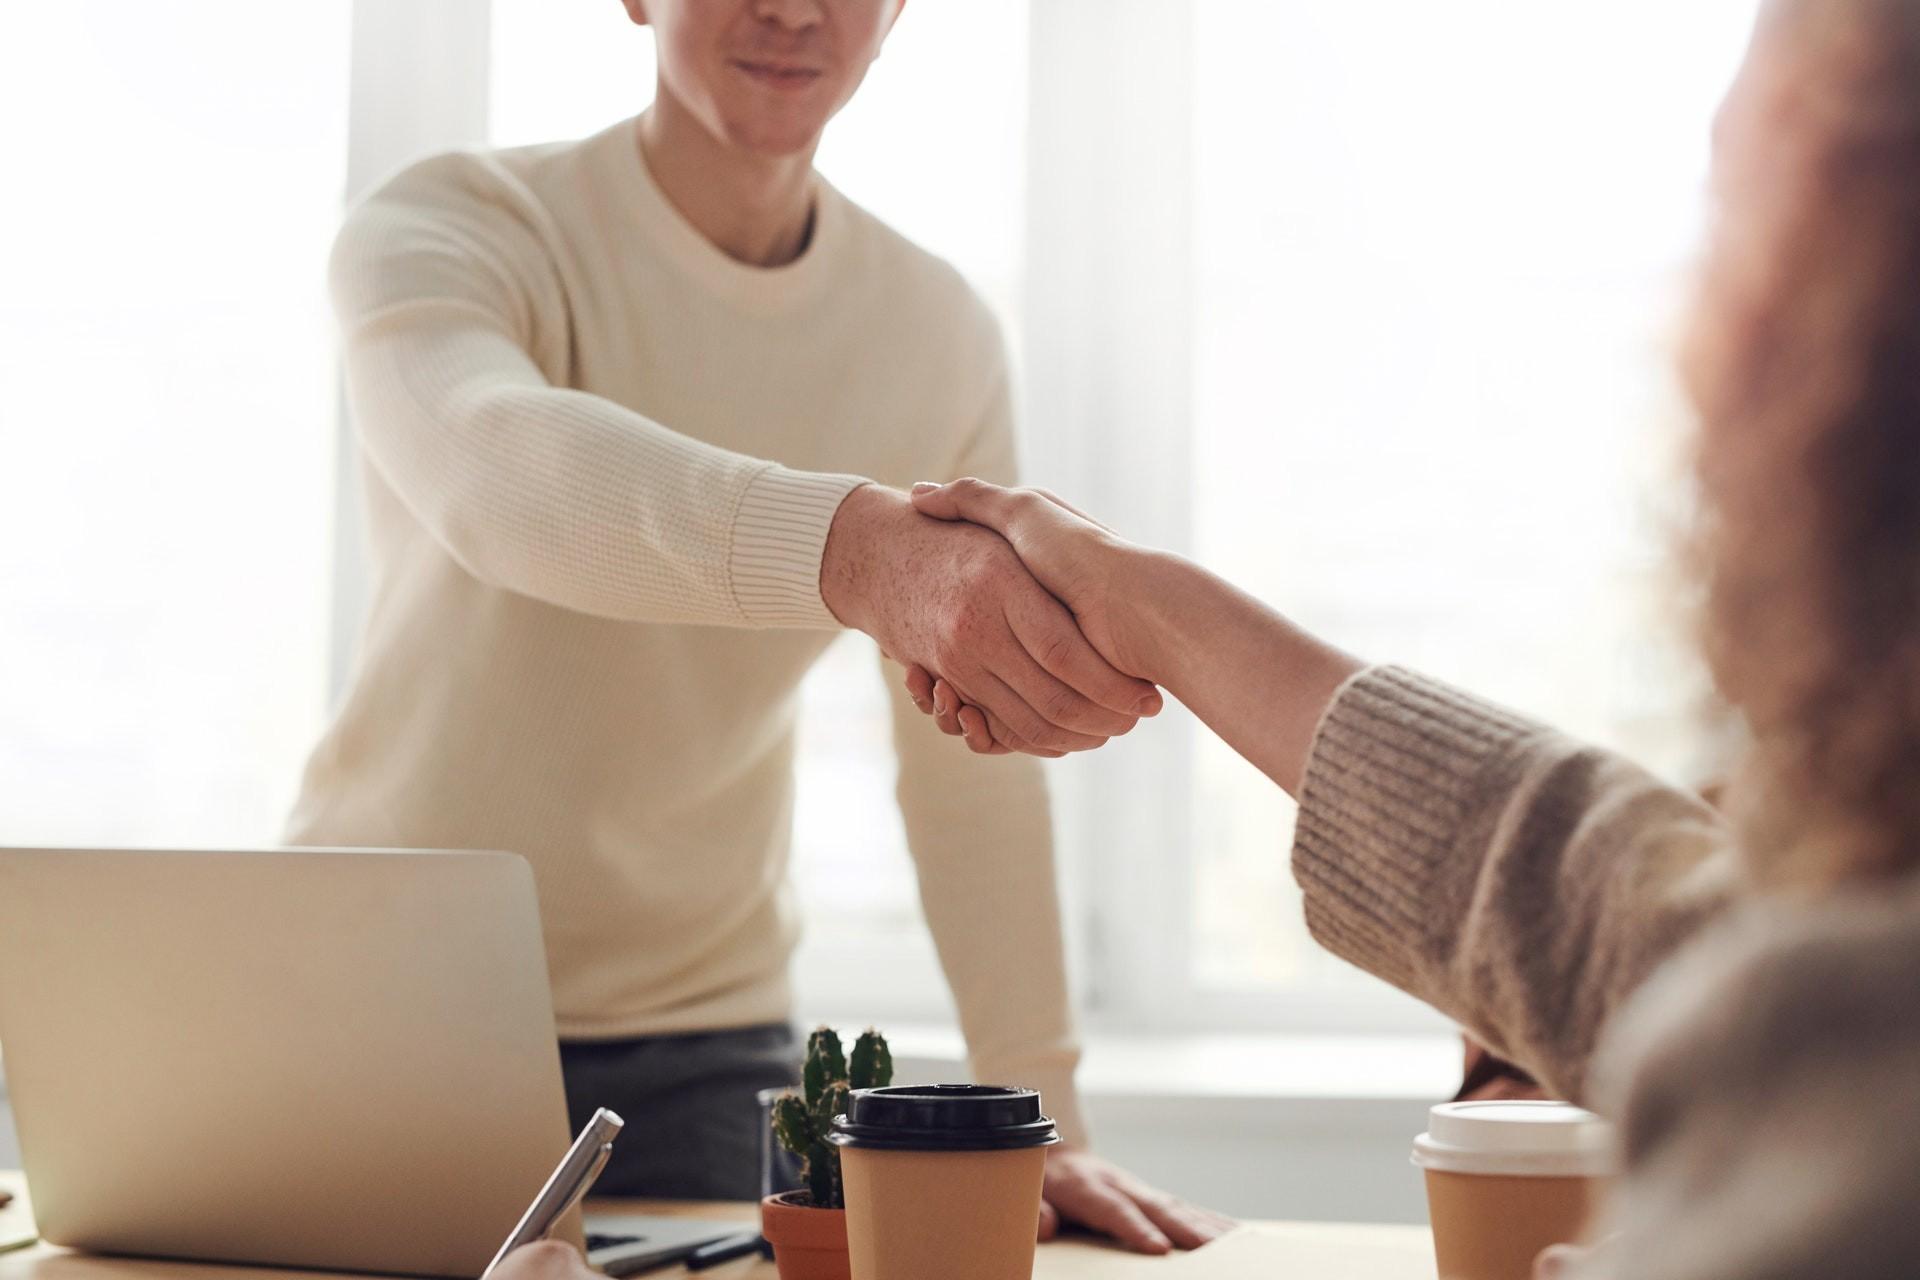 A teacher and a parent shake hands across a desk.